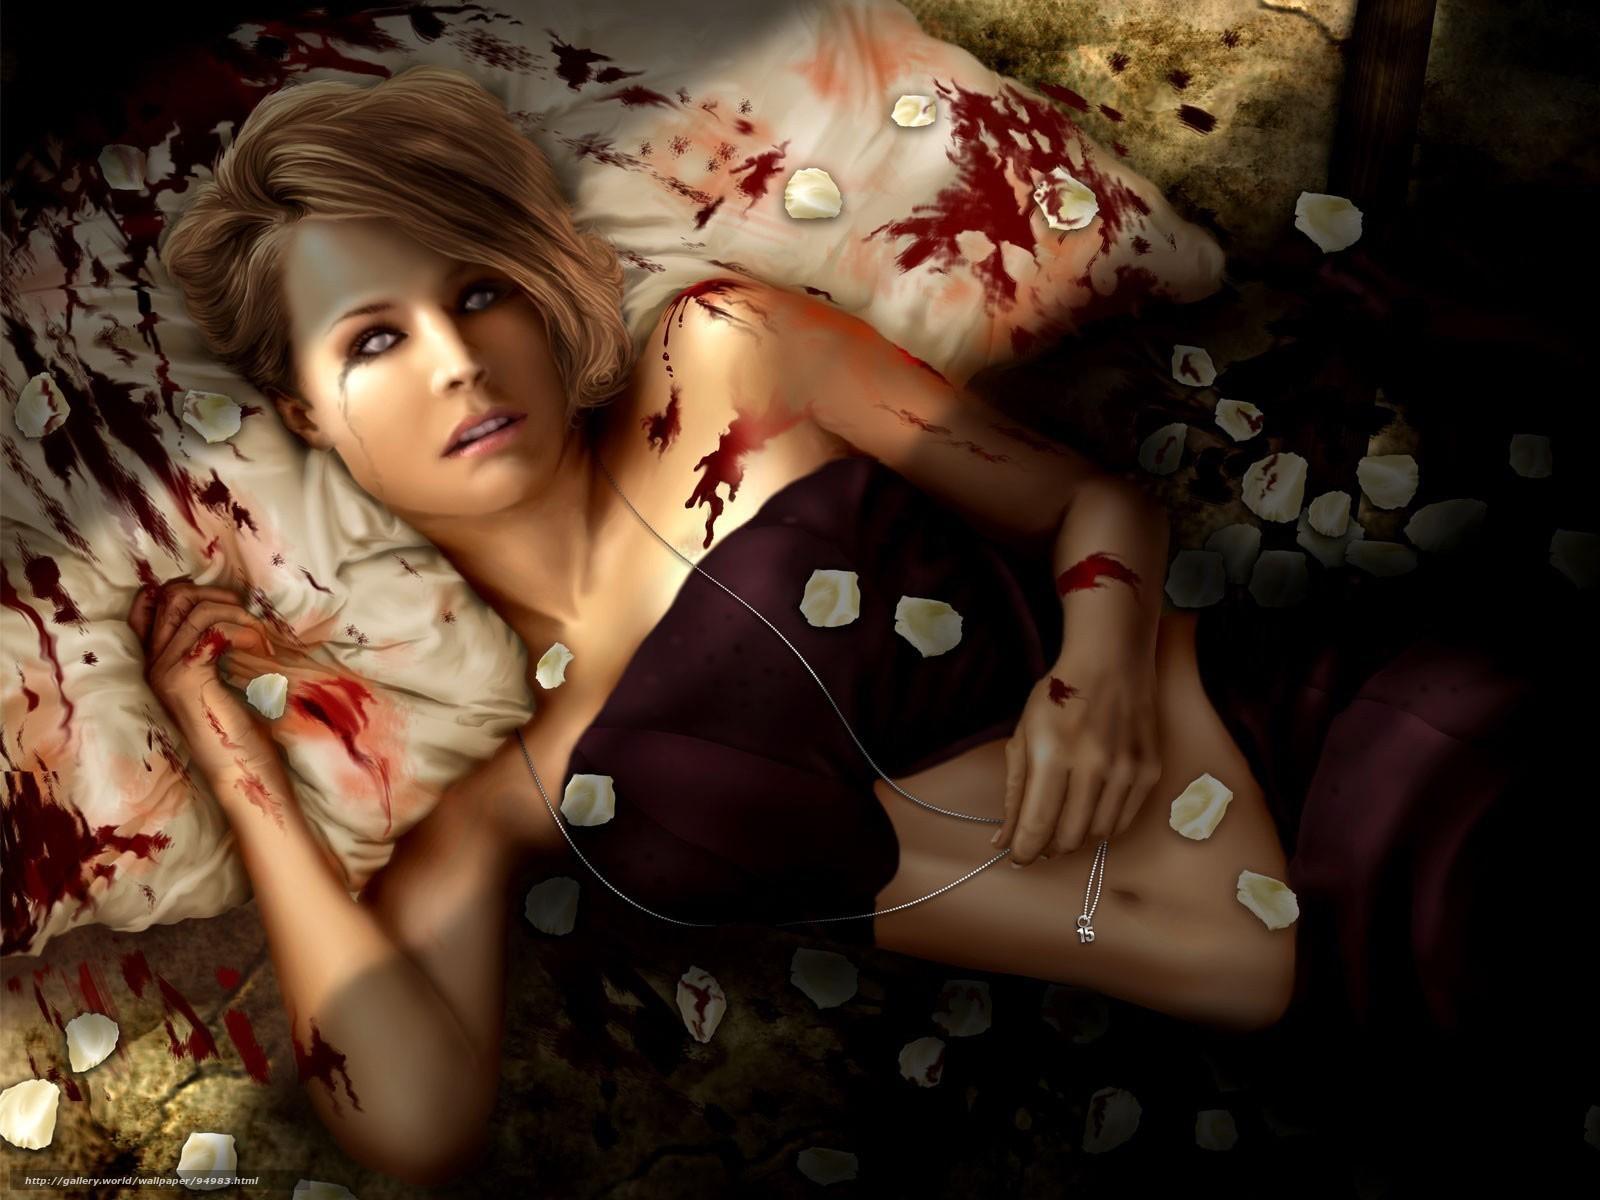 Фото замученных девушек 7 фотография